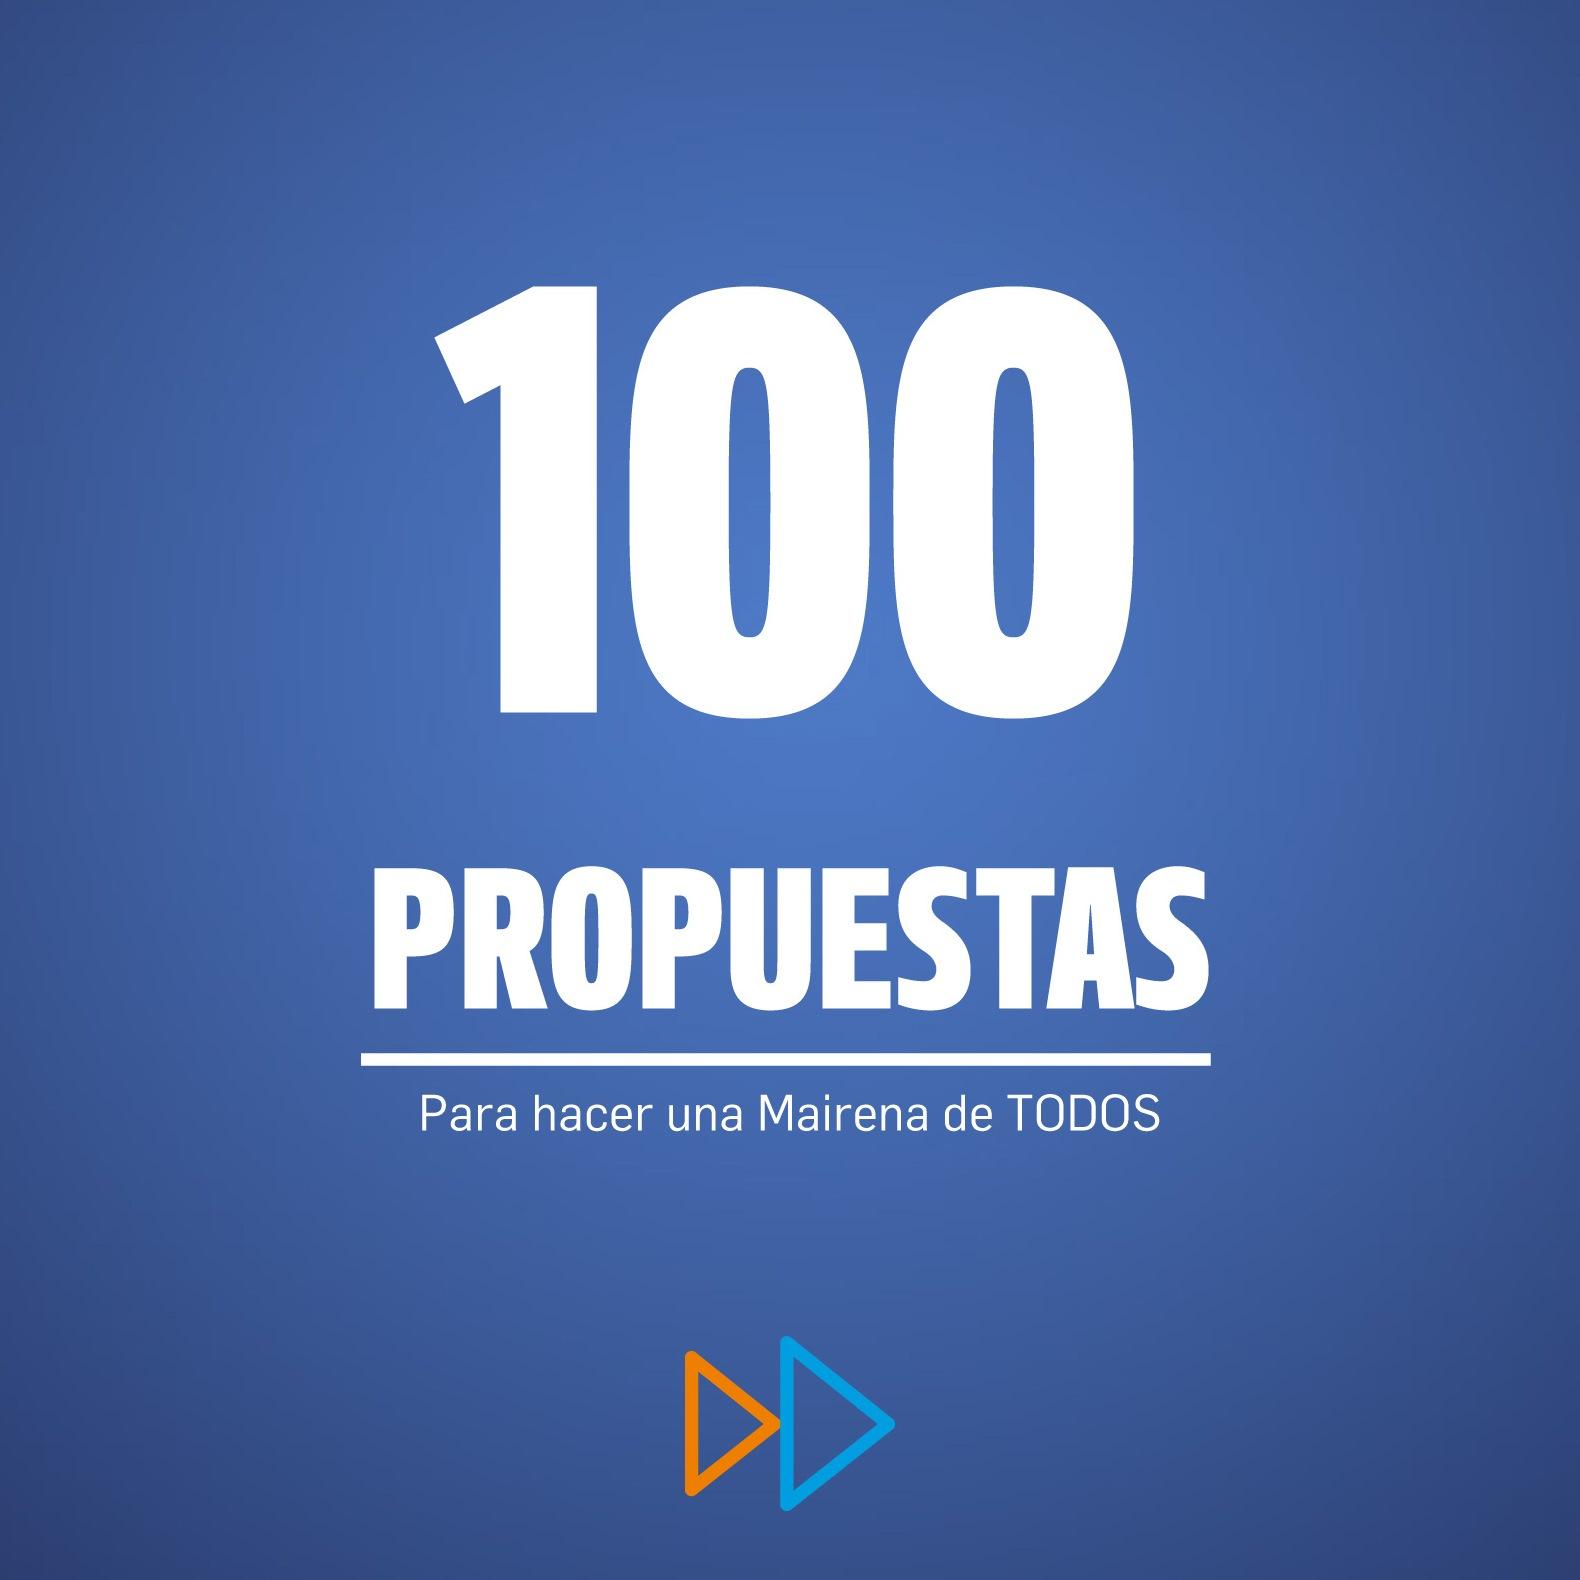 100 Propuestas. Para seguir haciendo una Mairena de TODOS